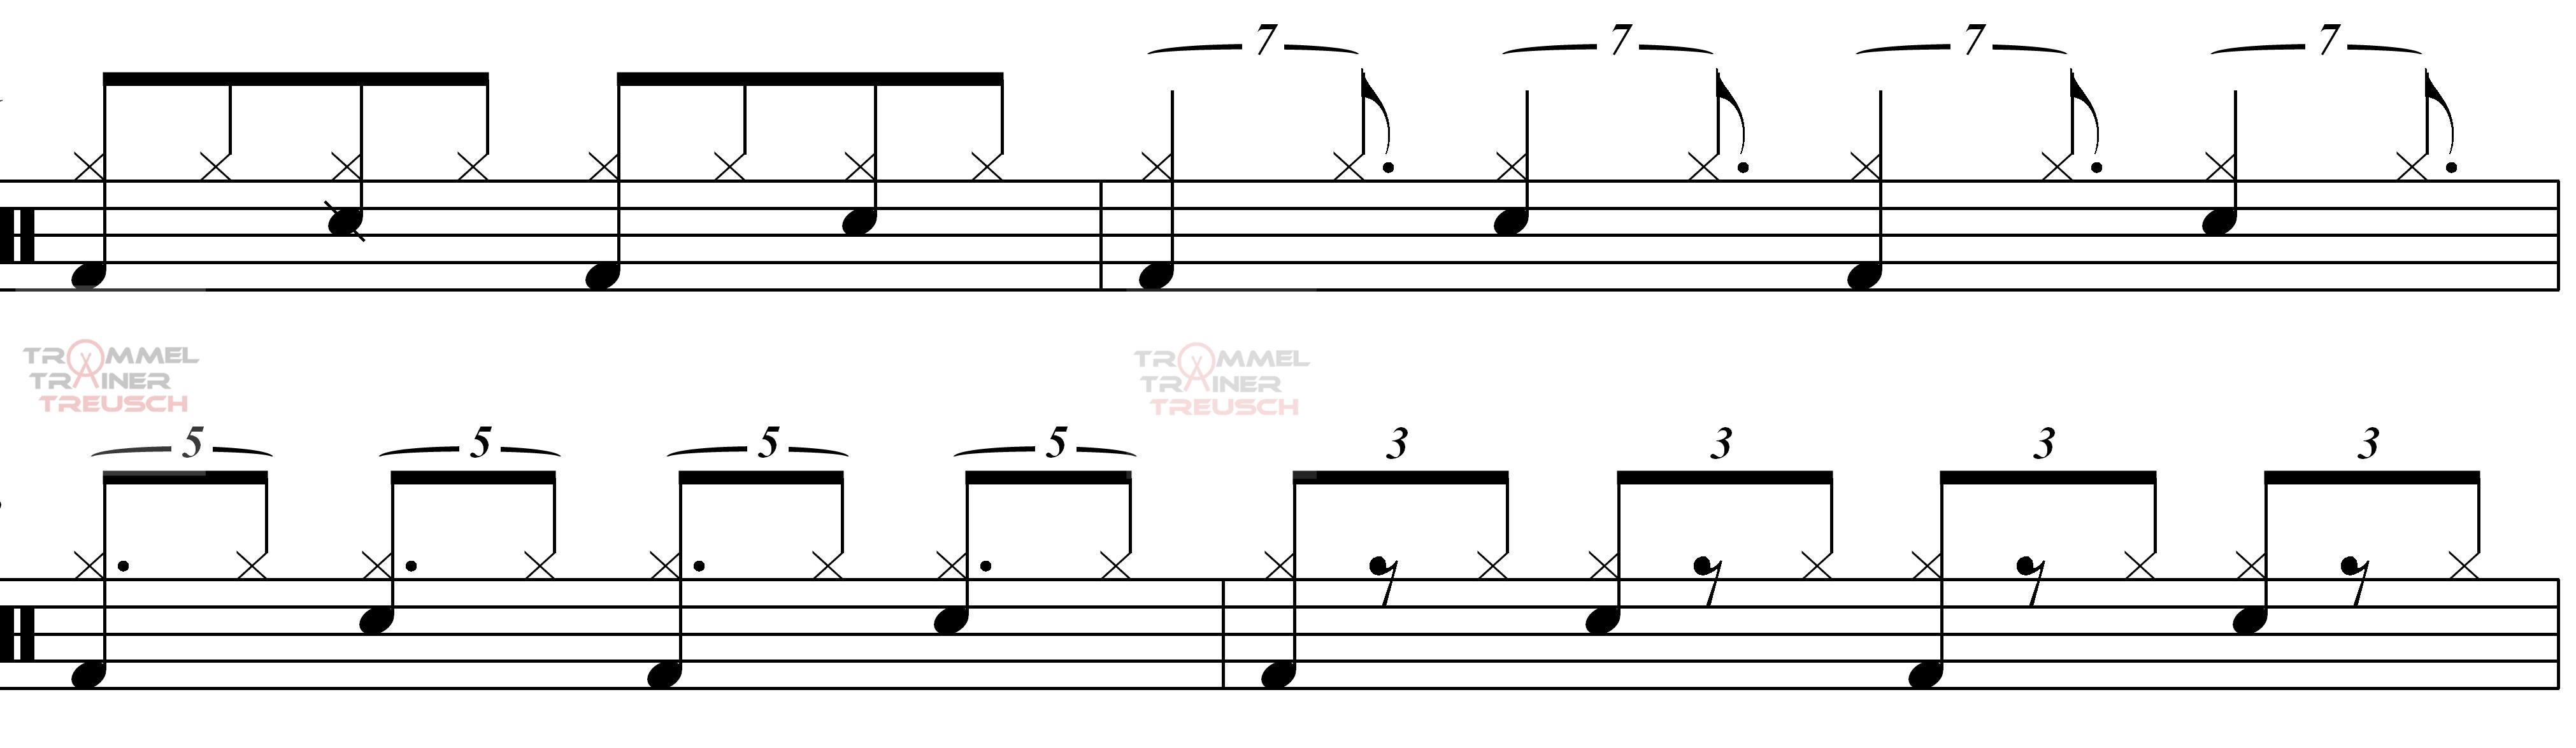 shuffle-2-7-5-3-Notenbild-Wasserzeichen